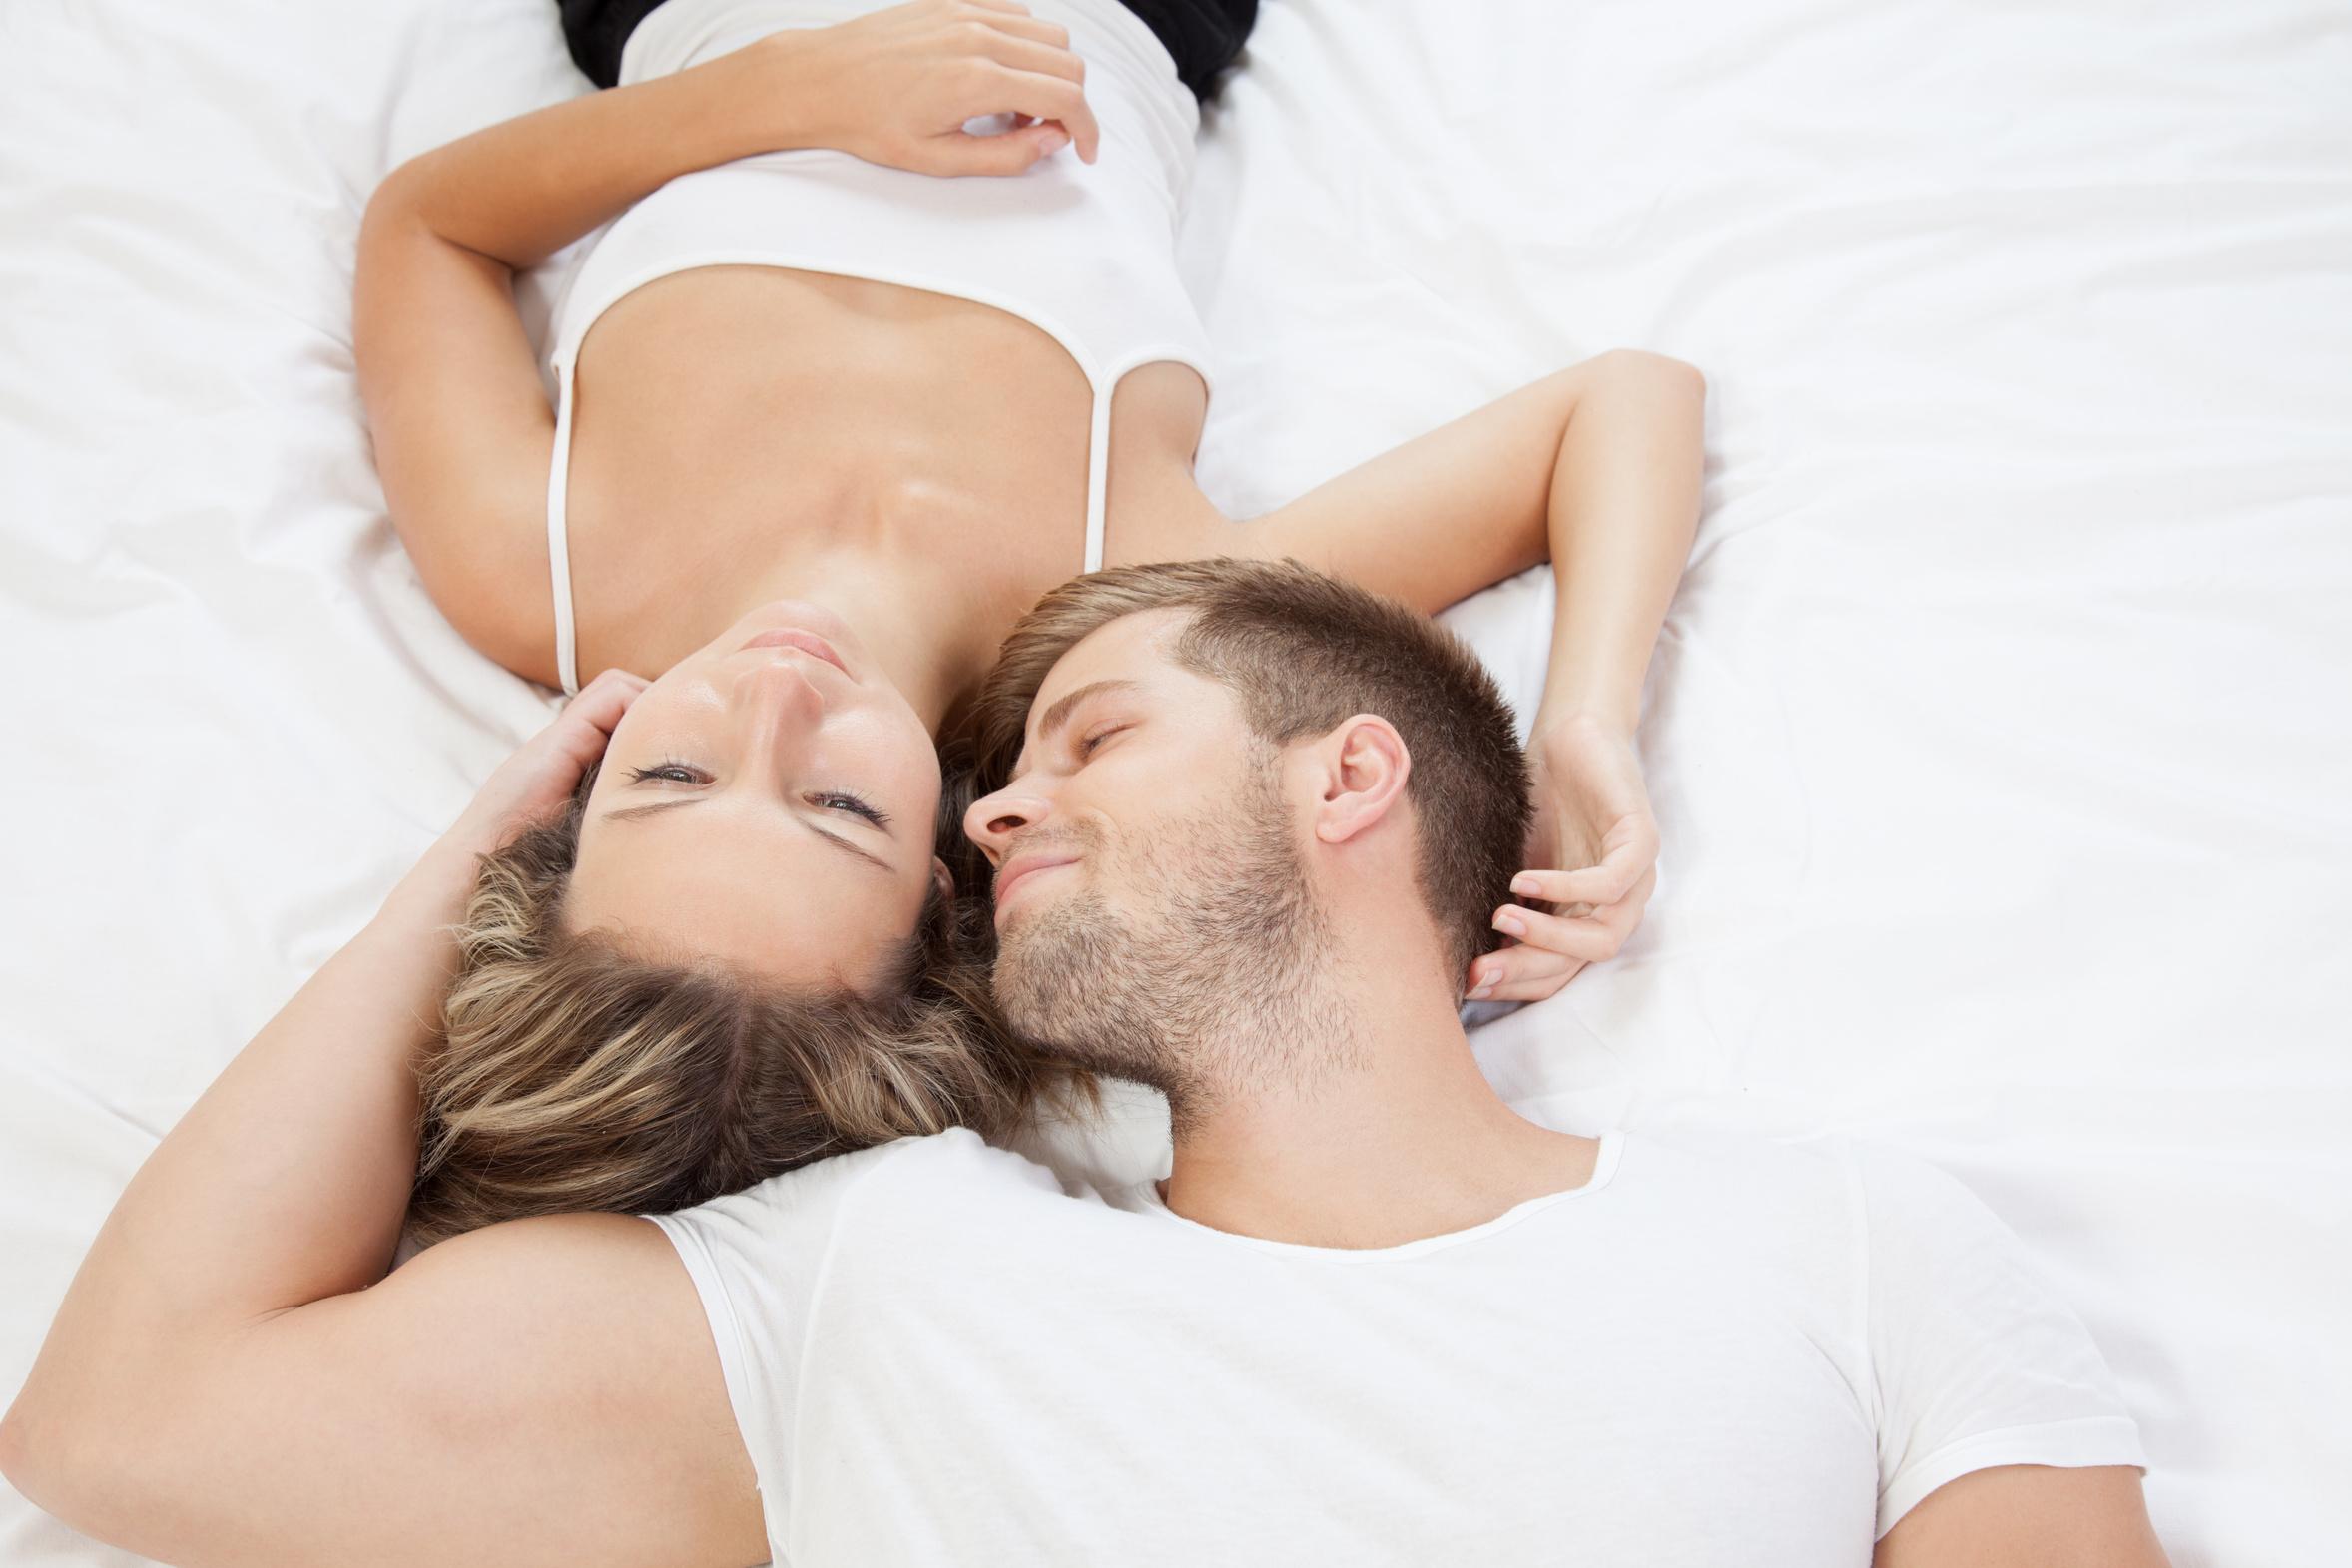 suga penis free erotik